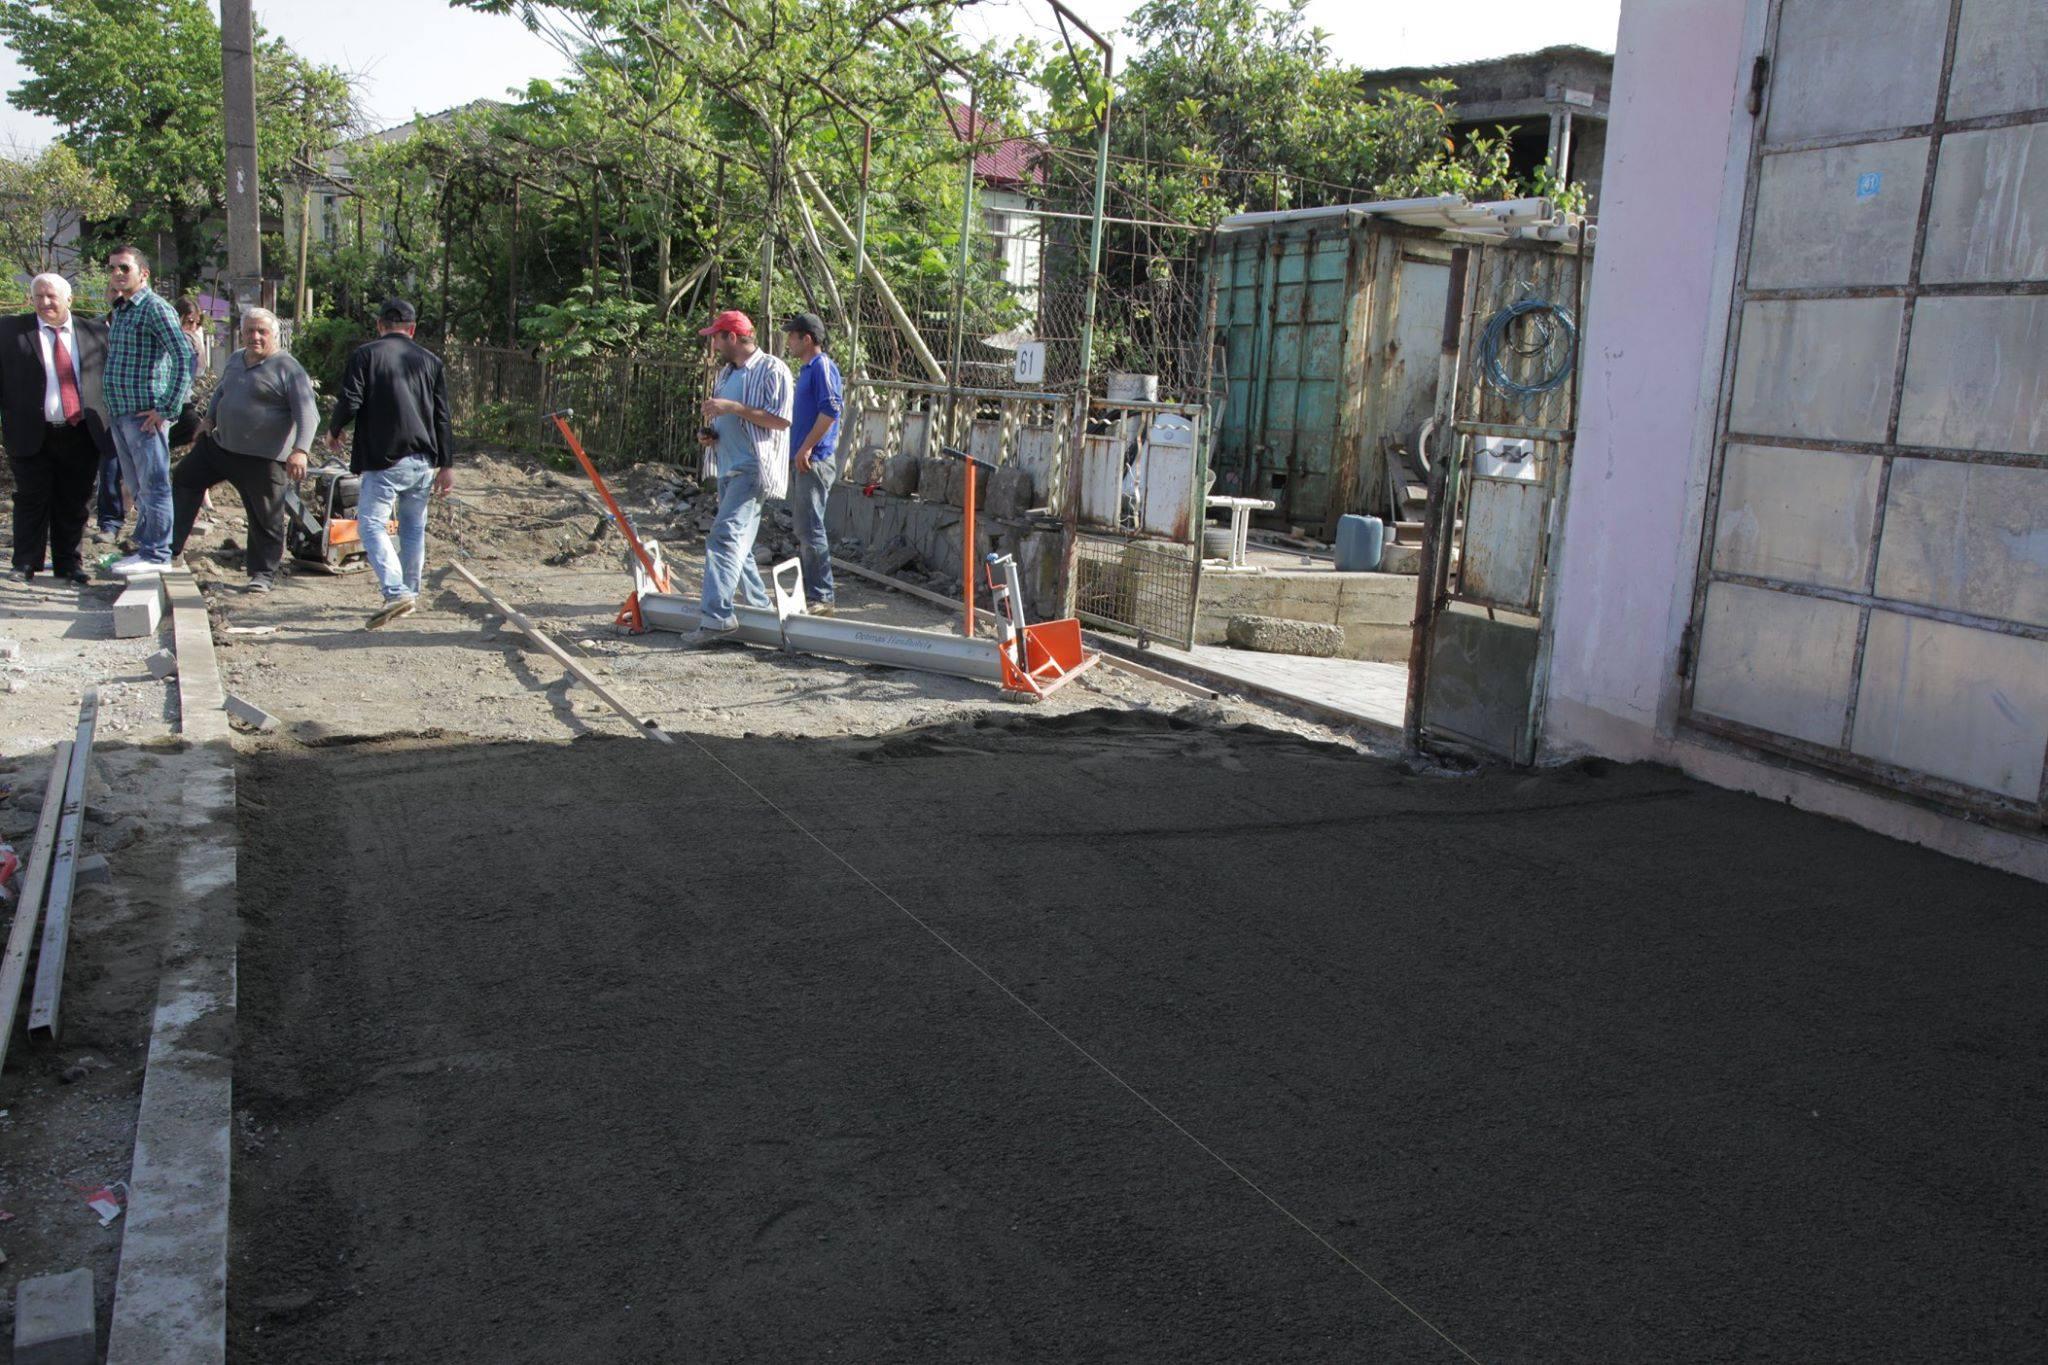 არჩილ ხაბაძემ ქობულეთში ქუჩების სარეაბილიტაციო სამუშაოები მოინახულა